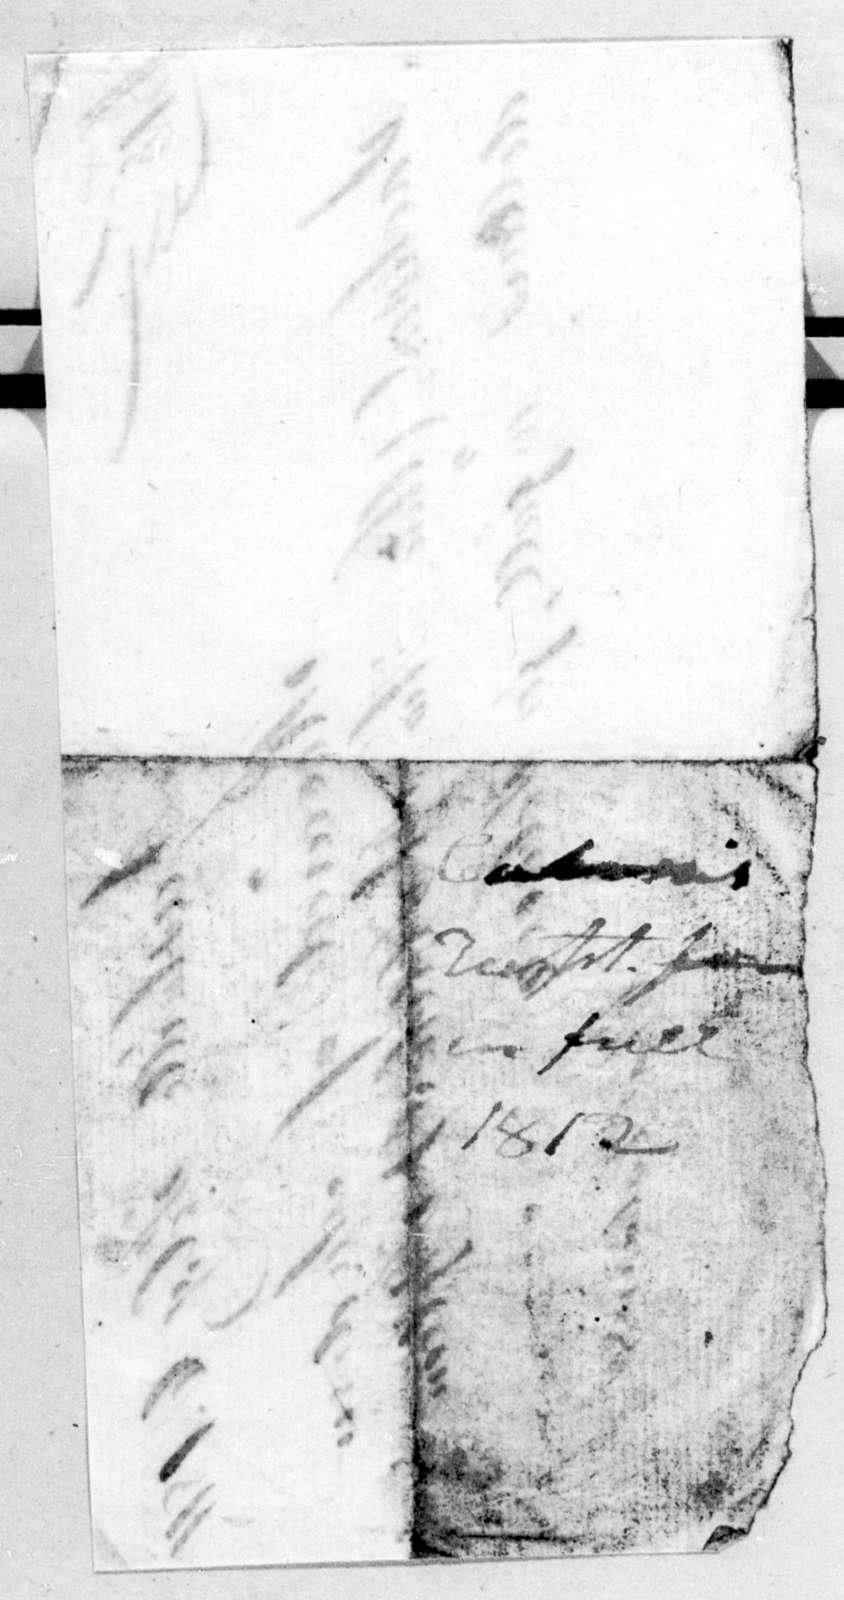 Charles Cabaniss to Andrew Jackson, February 6, 1811